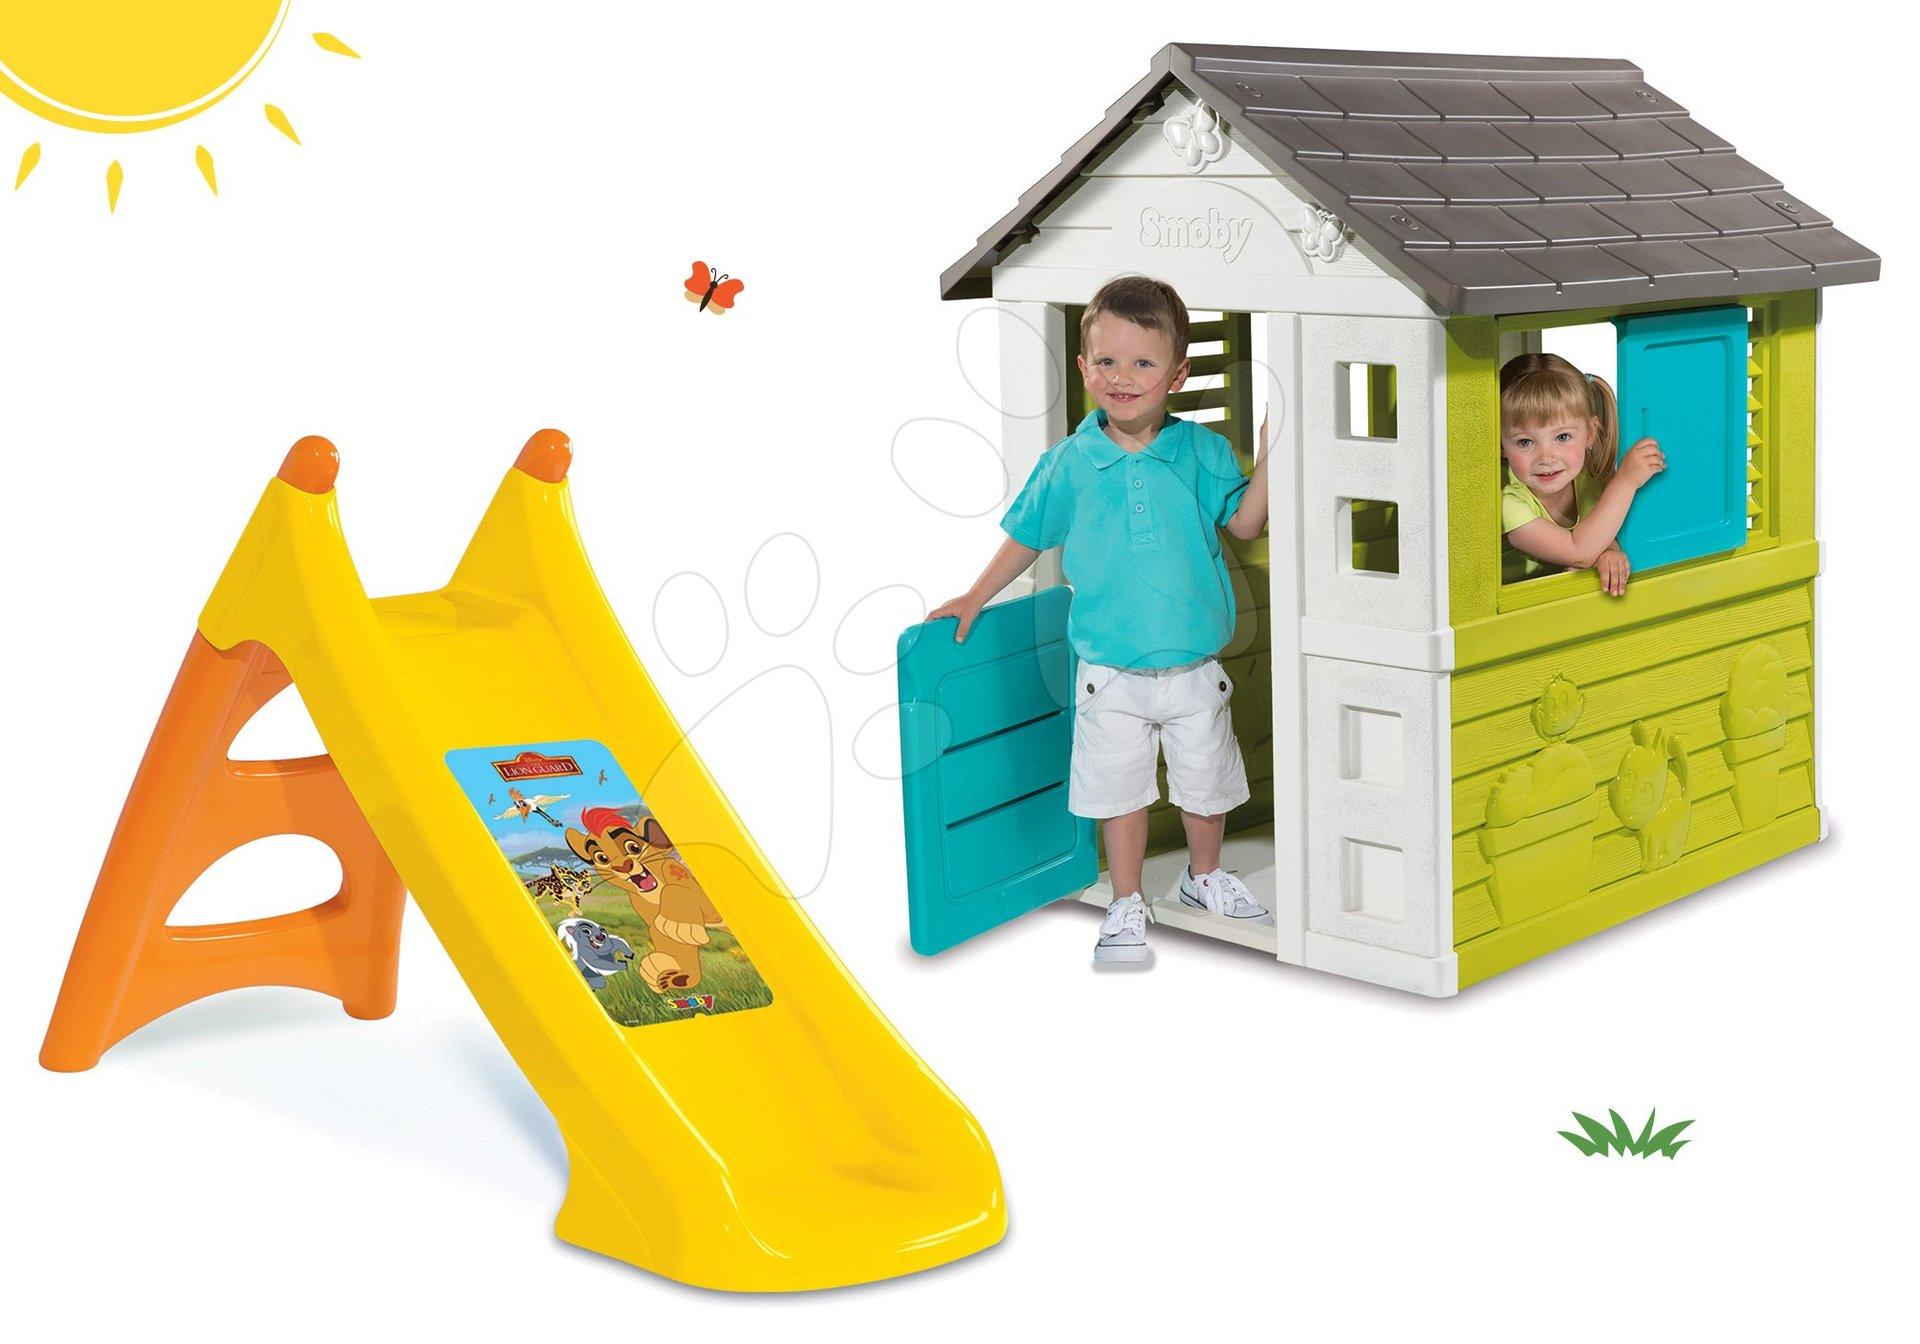 Šmykľavky s domčekom - Set šmykľavka Smoby Toboggan XS dĺžka 90 cm a domček Pretty Blue od 24 mes